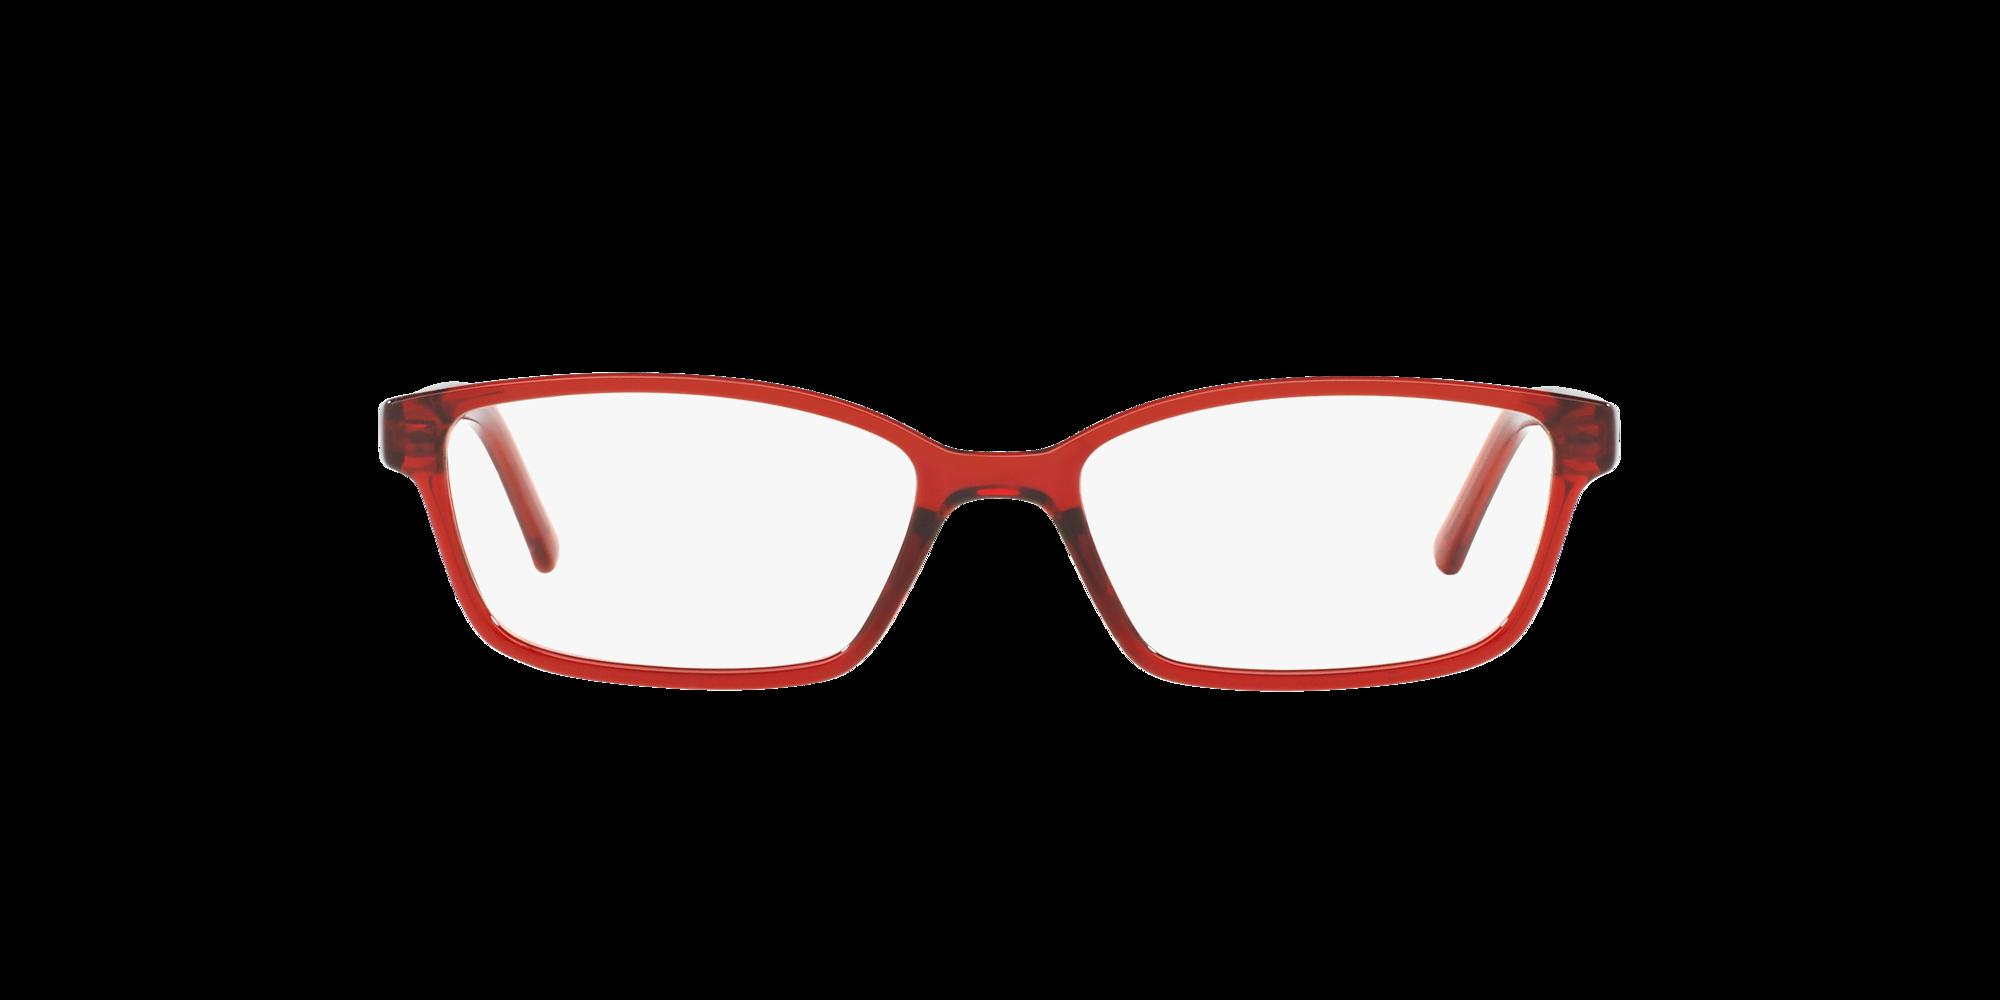 Imagen para SF1572 de LensCrafters |  Espejuelos, espejuelos graduados en línea, gafas